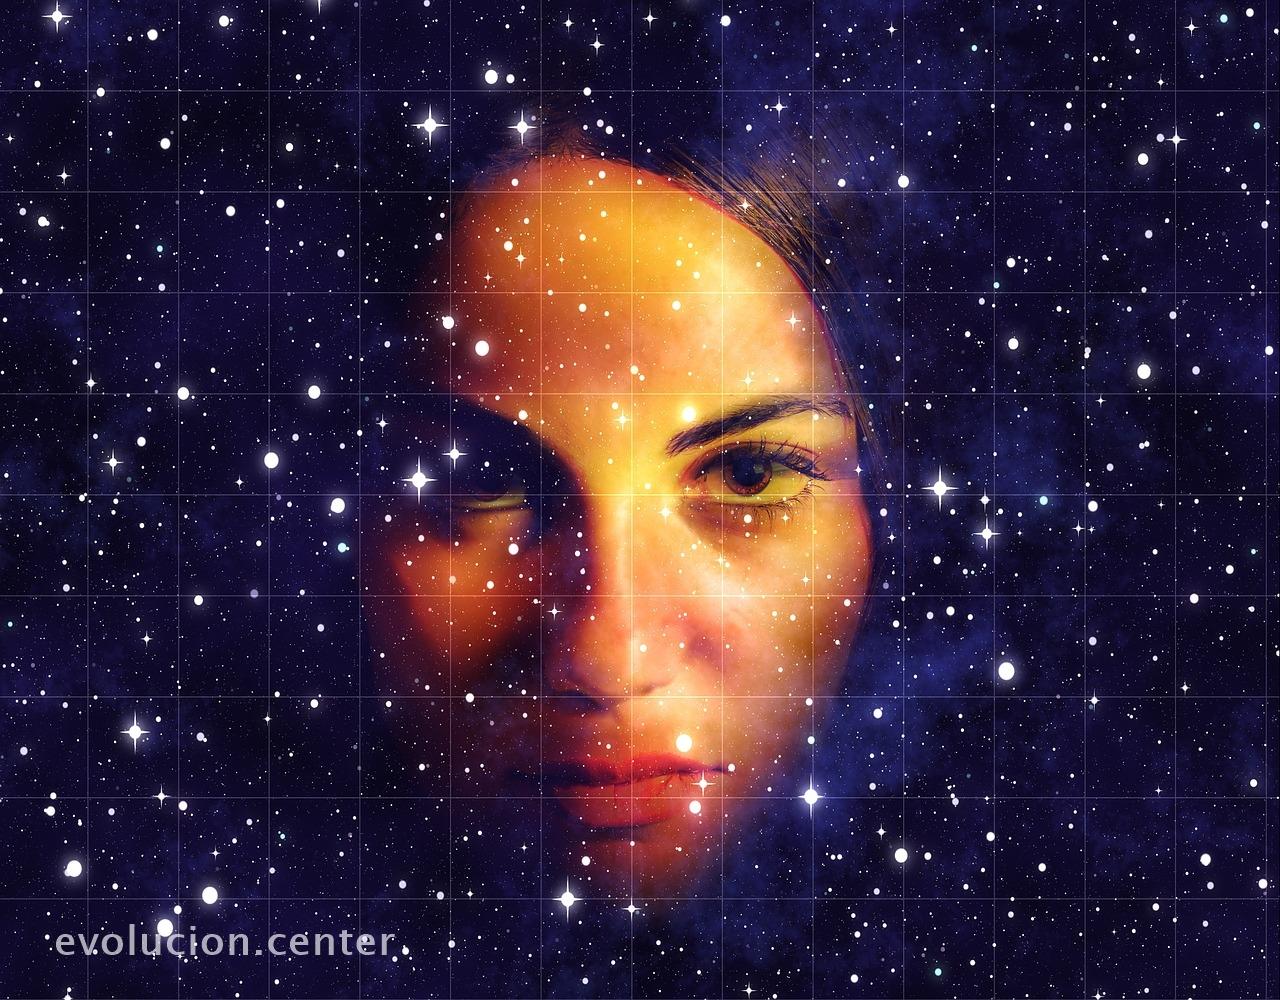 ¡Ay mujer! Estás conectada con el Universo